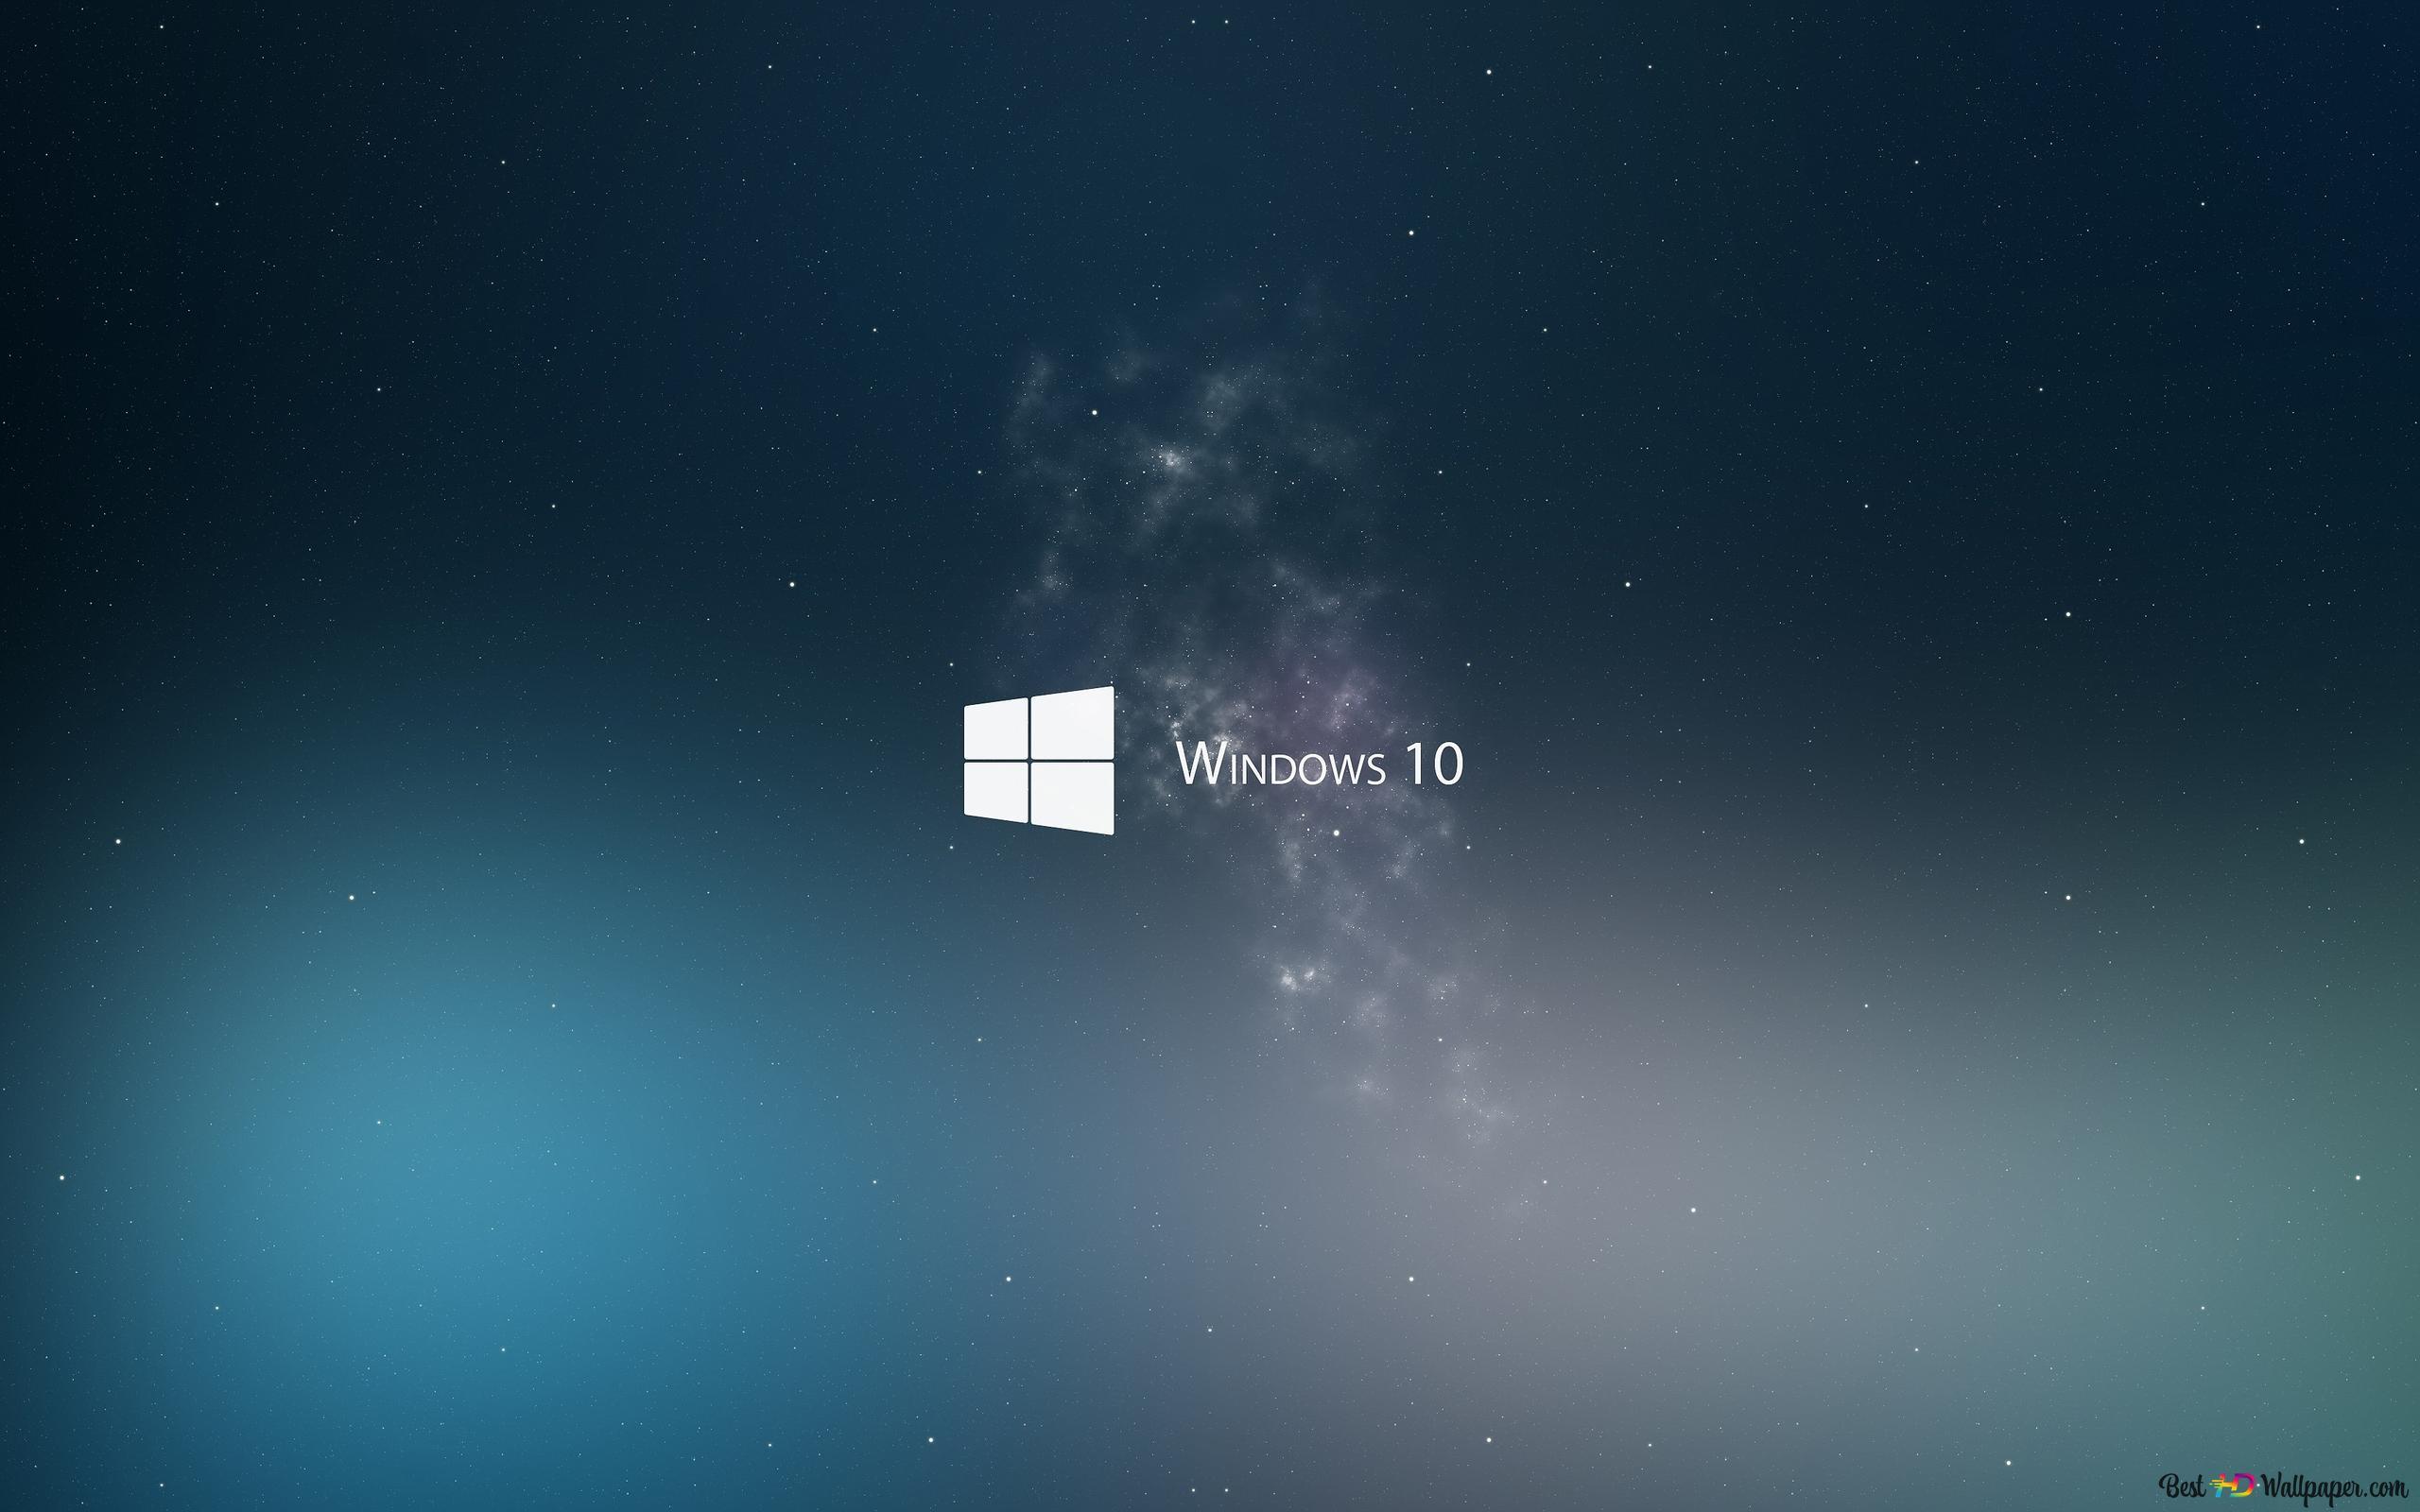 的windows 10操作系统高清壁纸下载